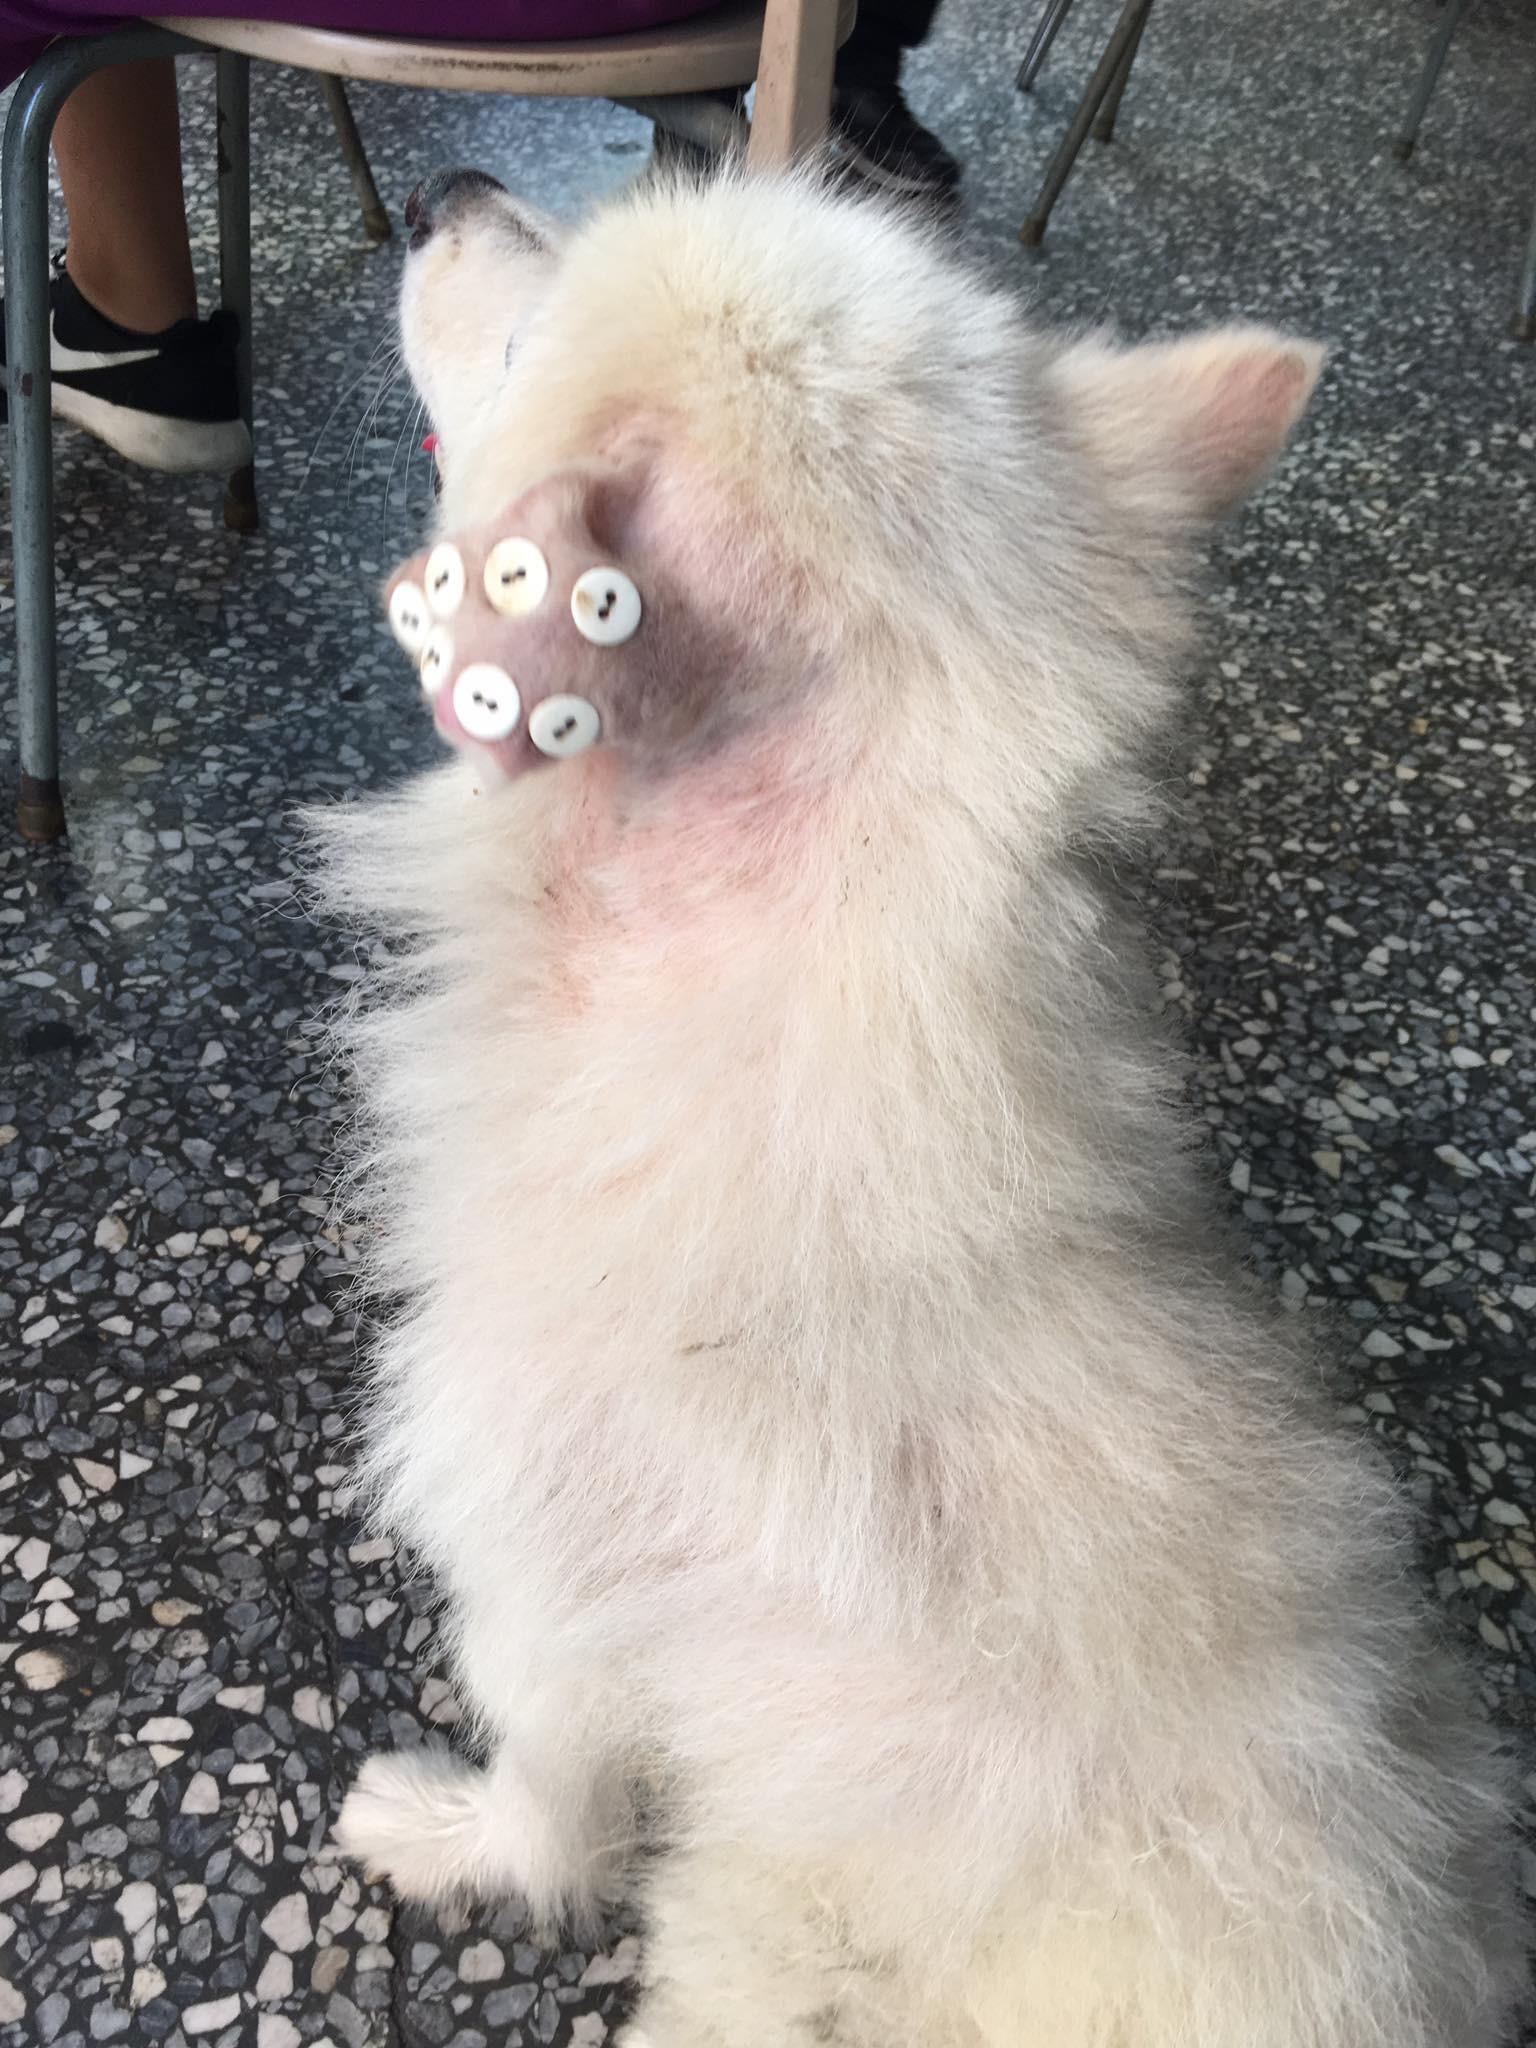 ▲▼狗耳朵「縫7顆鈕扣」是在治療耳血腫。(圖/翻攝自爆料公社)